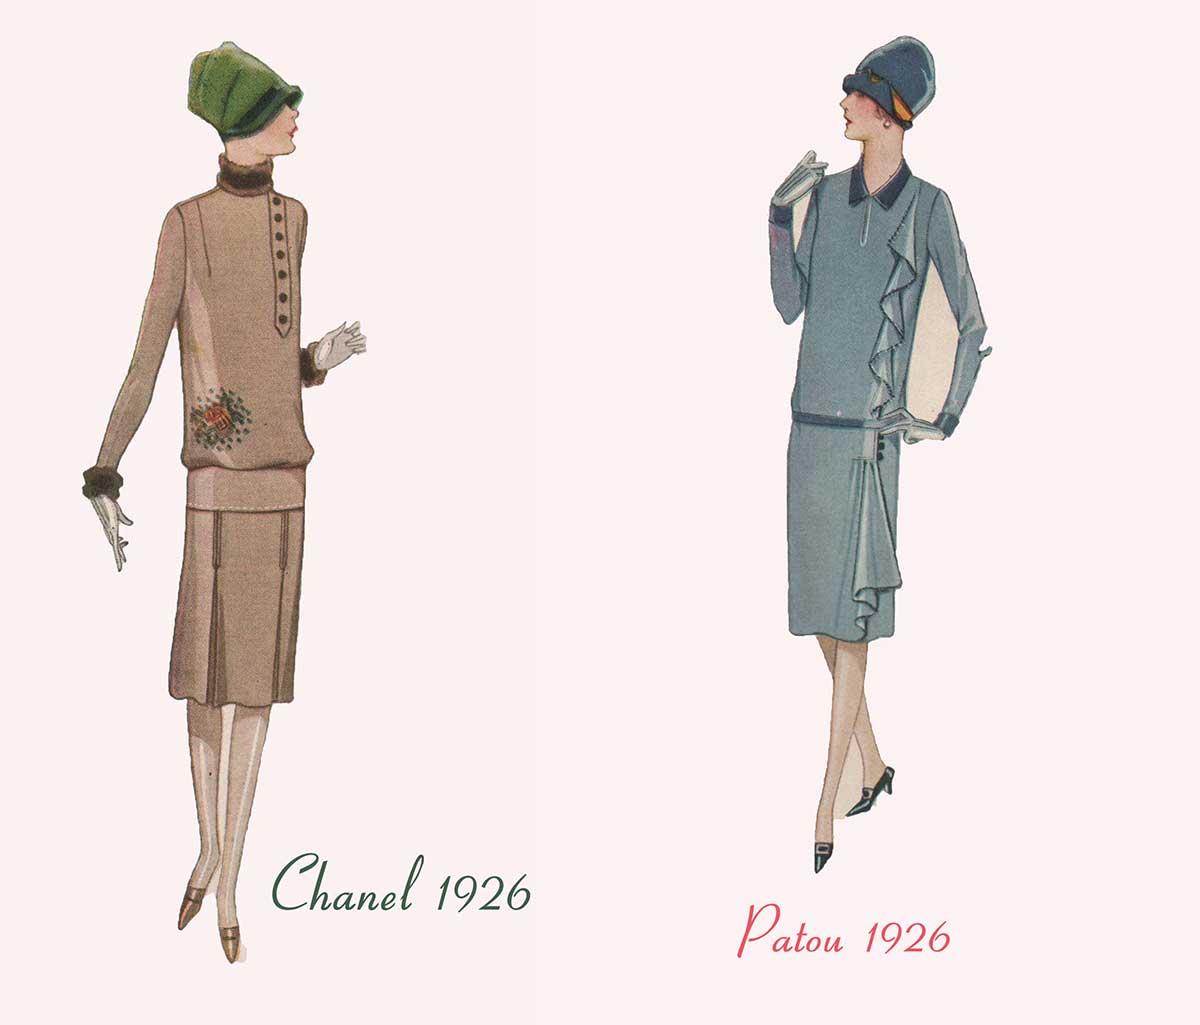 Designer Winter Fashion - Chanel and Patou